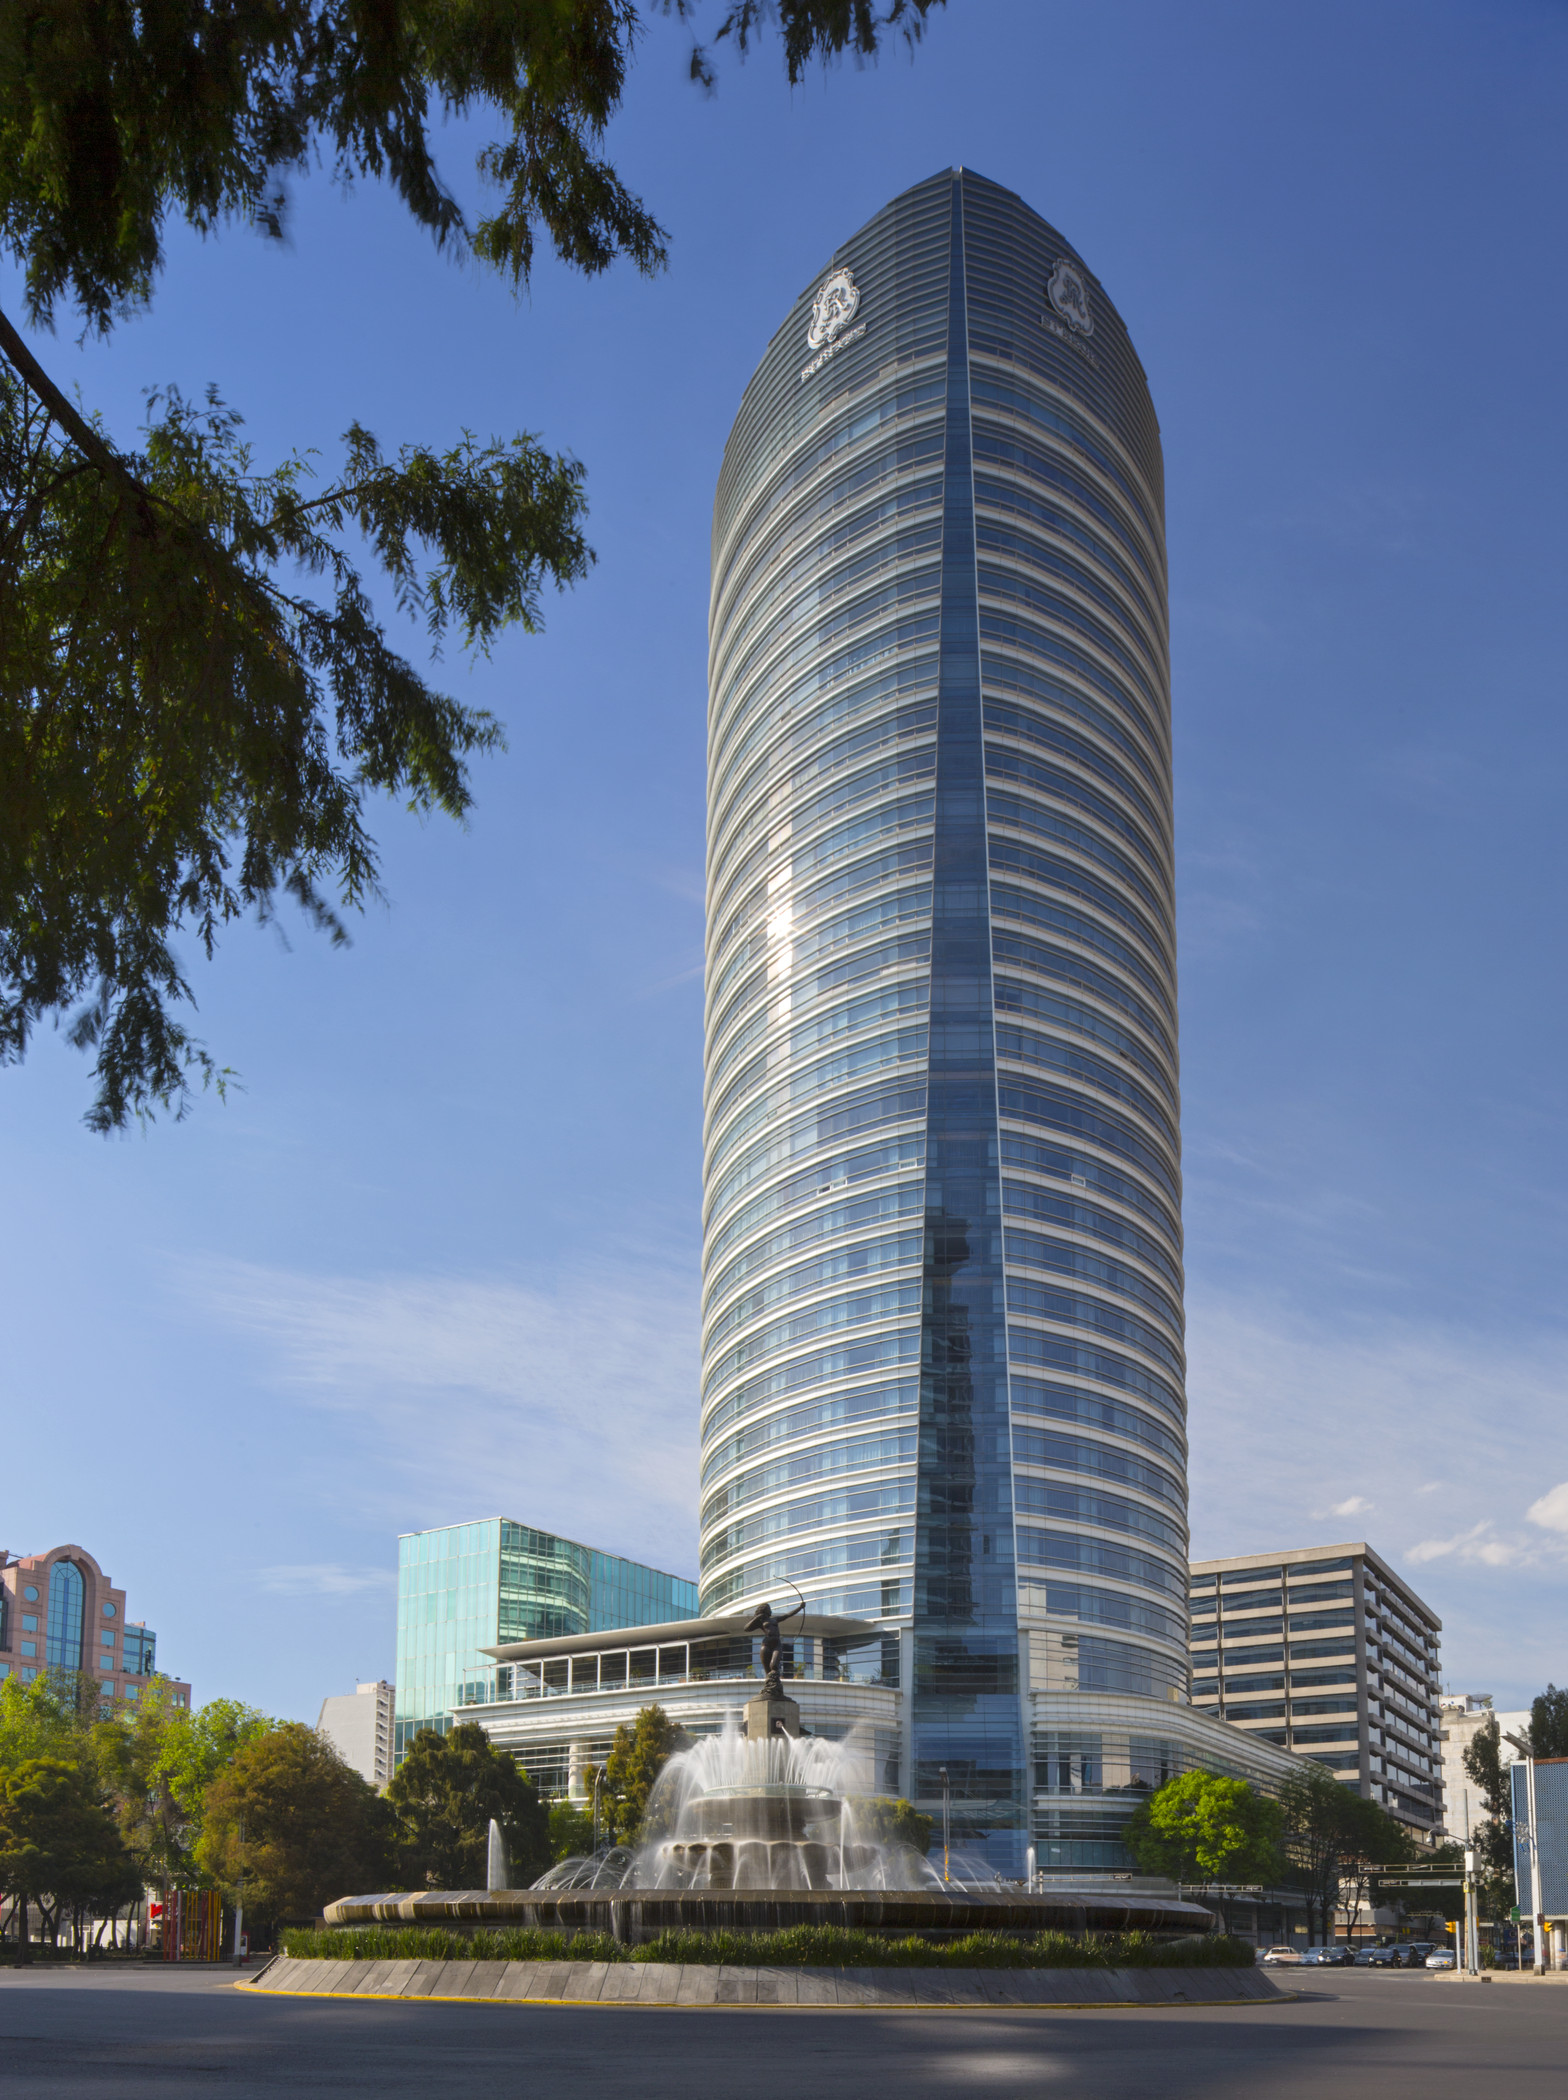 Le St Regis considéré comme l'hôtel le plus luxueux de Mexico City. Il occupe 16 des 31 étages de la tour conçue par l'architecte Cesar Pelli.